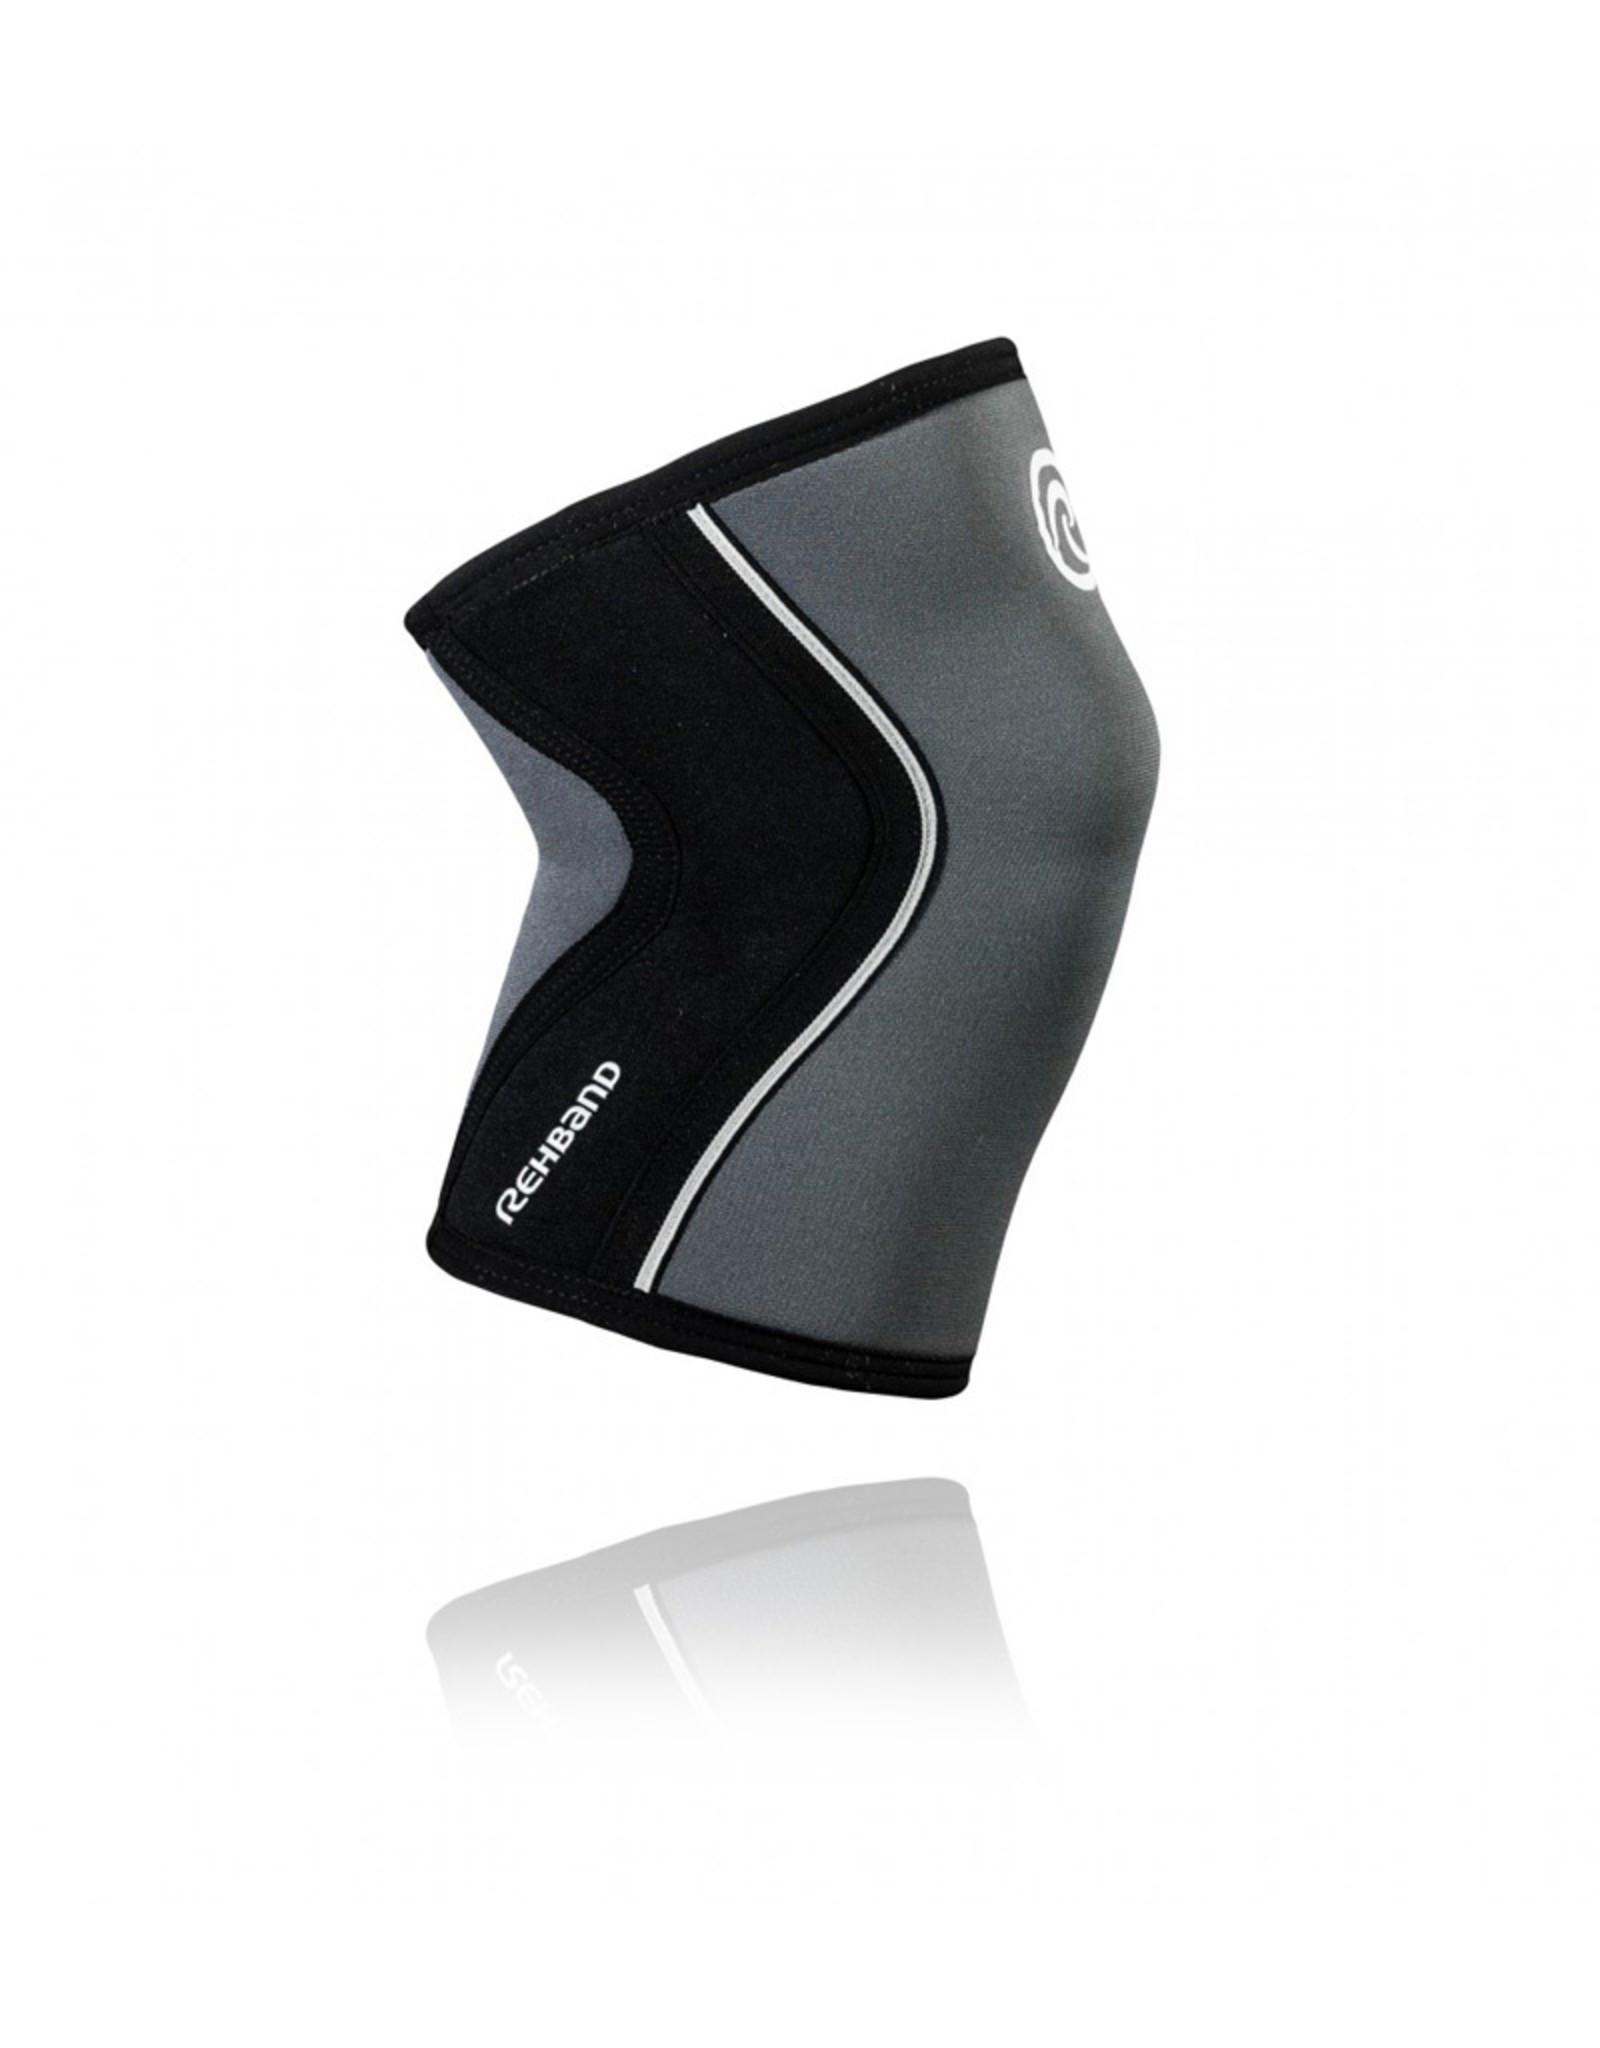 Rehband Rx Knee Sleeve 5Mm Genouillere - Gris